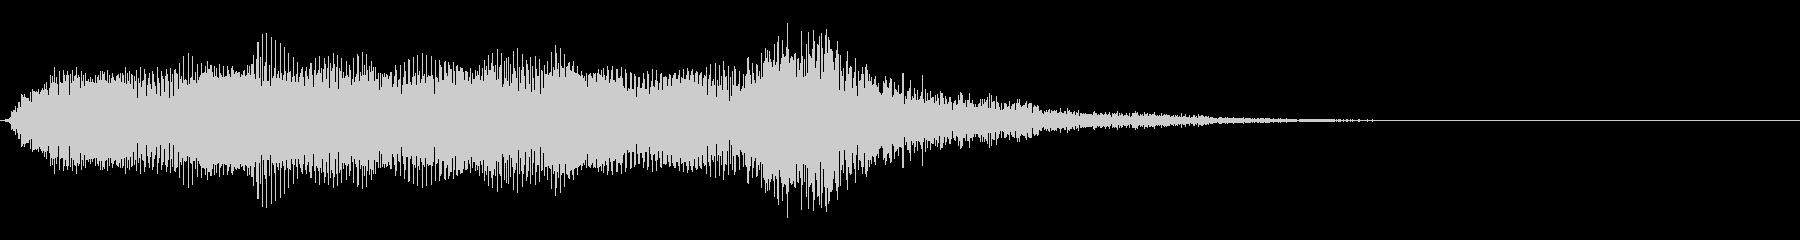 ドラマティックオーケストラアクセント3の未再生の波形